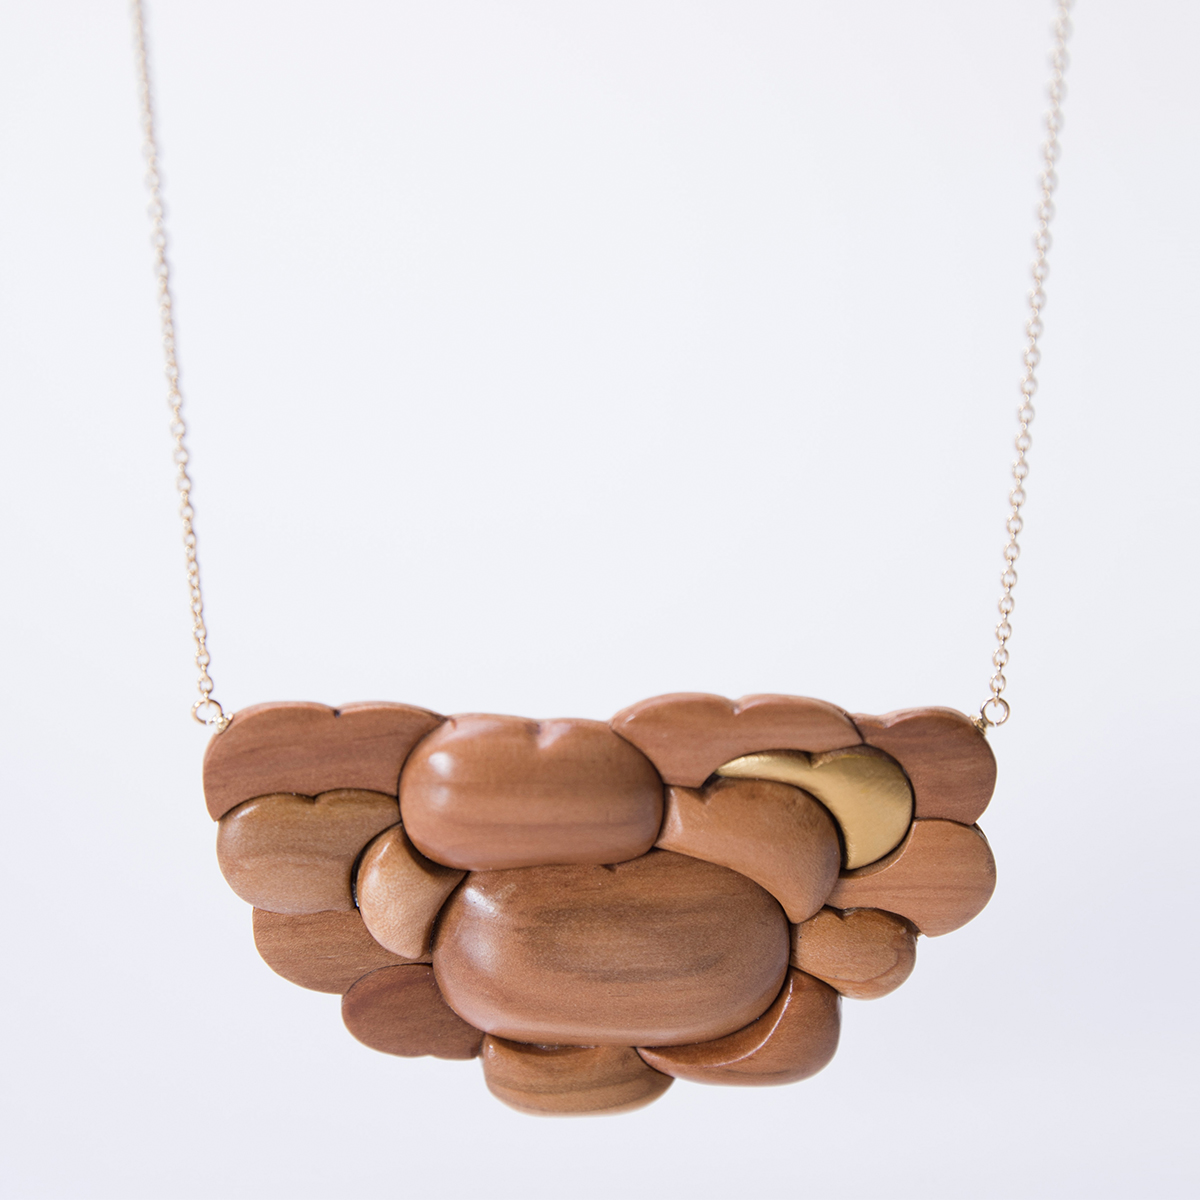 CHITOSE GRAINS 1 りんごたち ネックレス ロング 木村木品製作所 /マルゲリータ